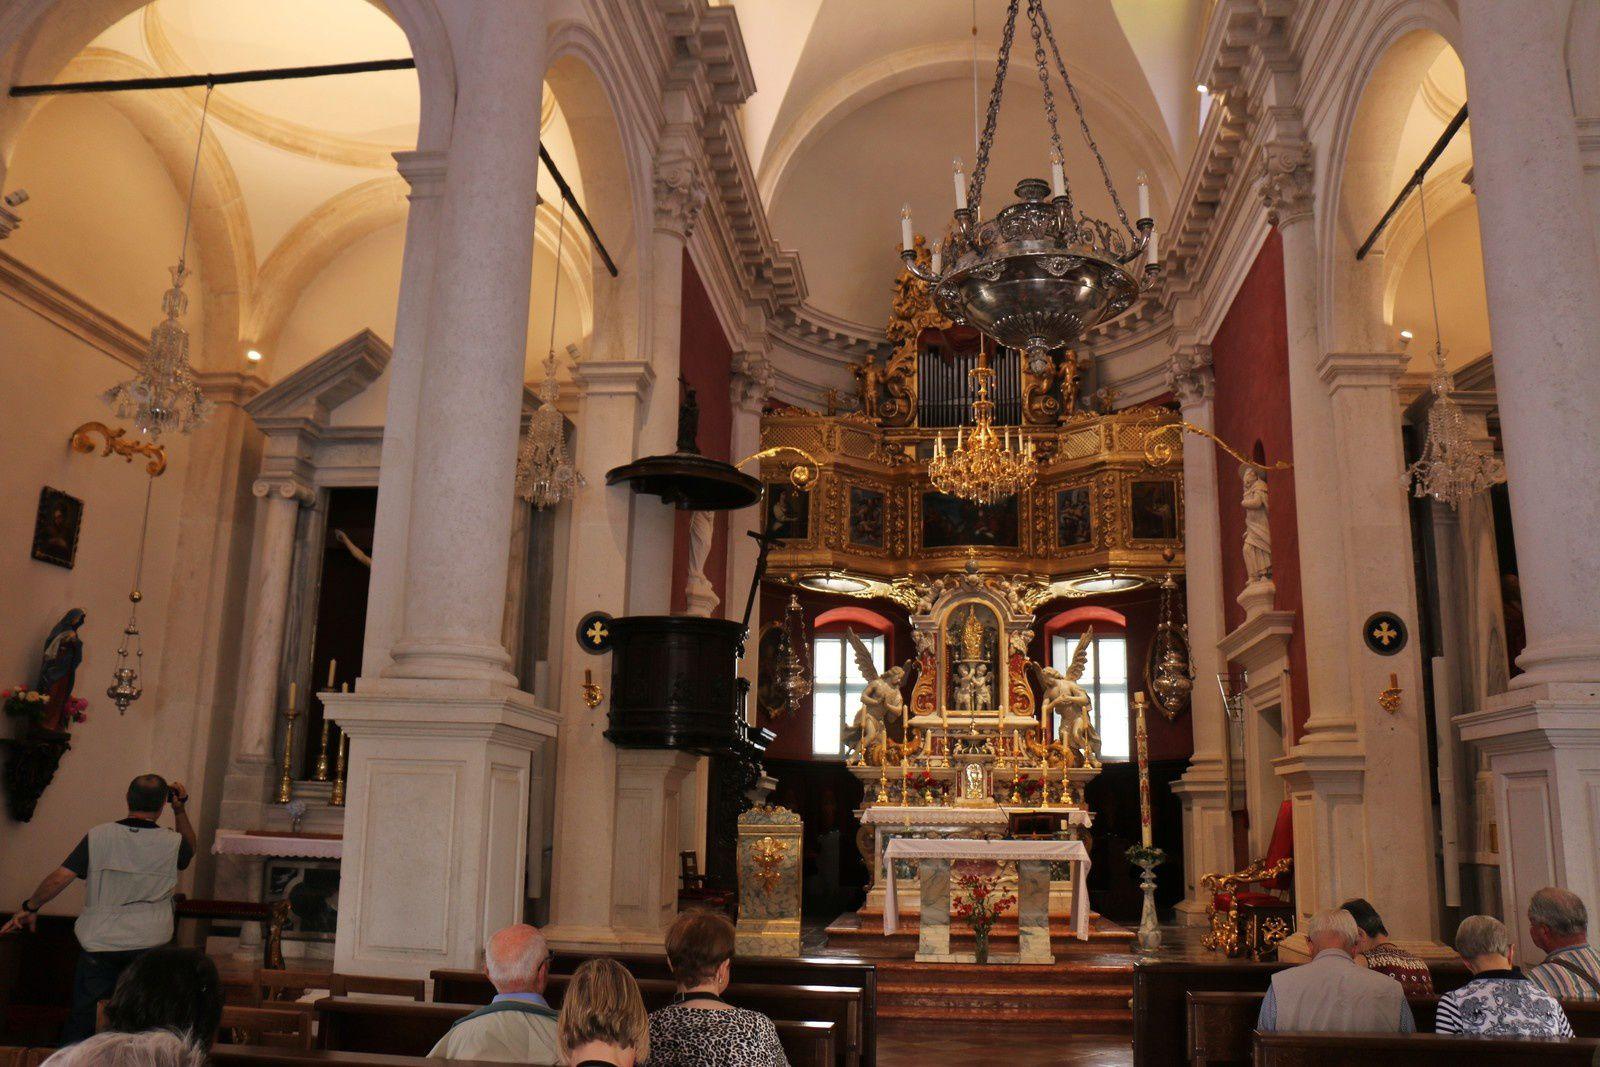 Saint Sylvan, église Saint Blaise, vieille ville de Dubrovnik (Croatie)